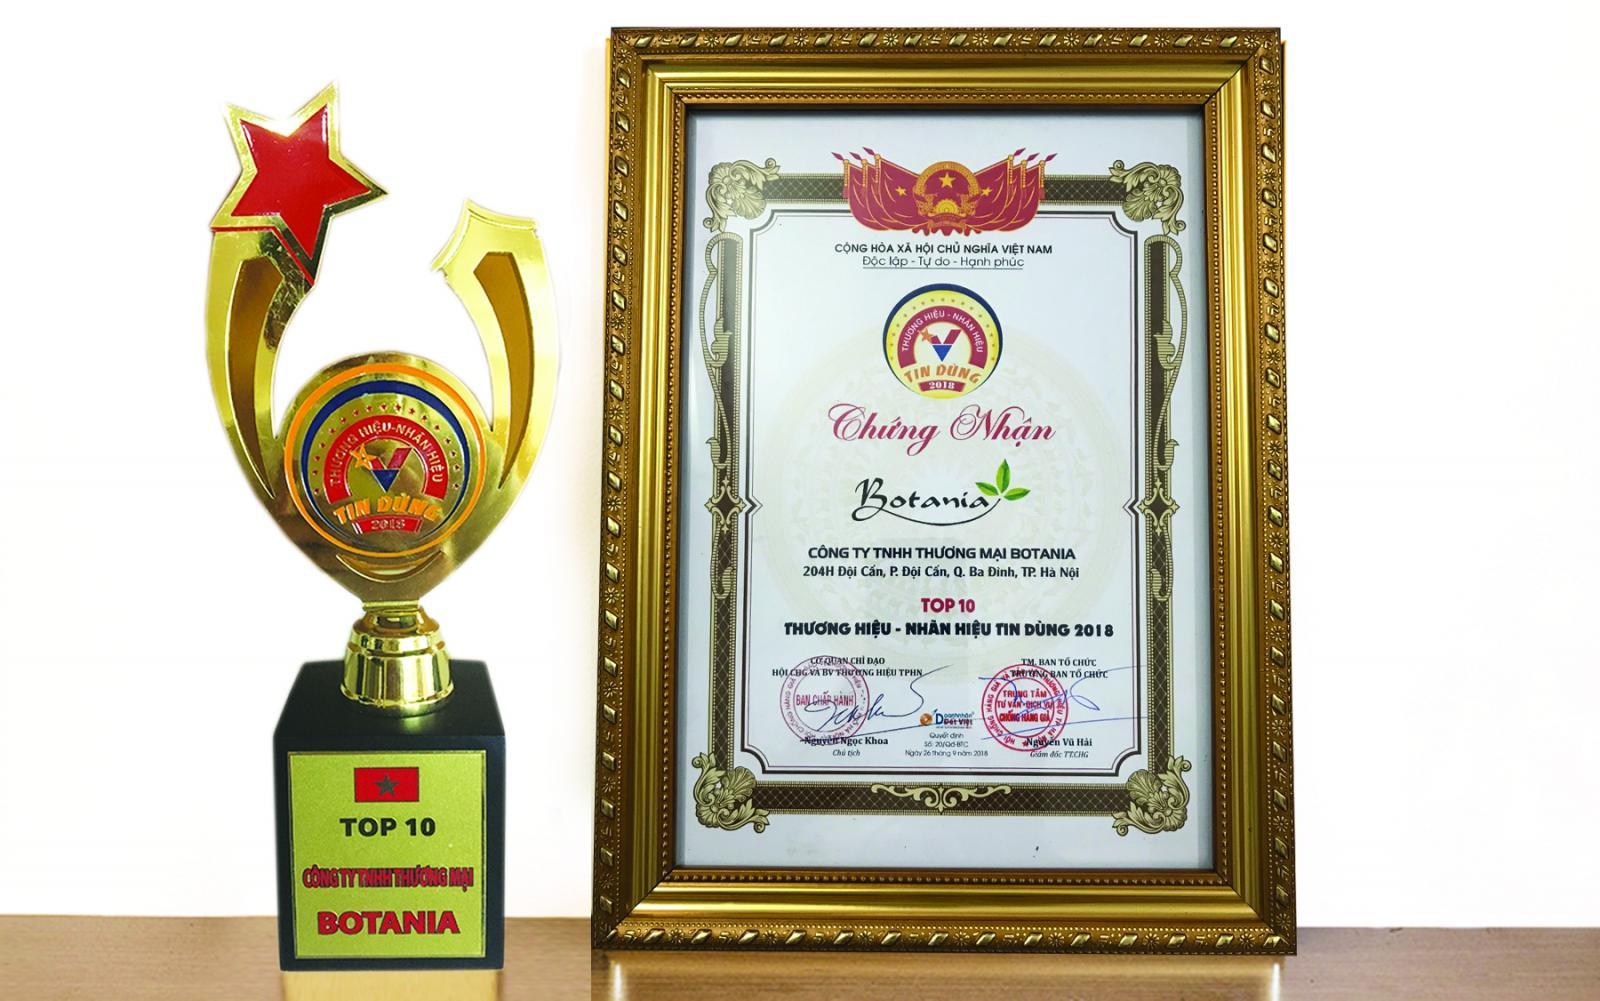 Công ty Botania vinh dự được nhận giải thưởng TOP 10 - Thương hiệu, nhãn hiệu tin dùng